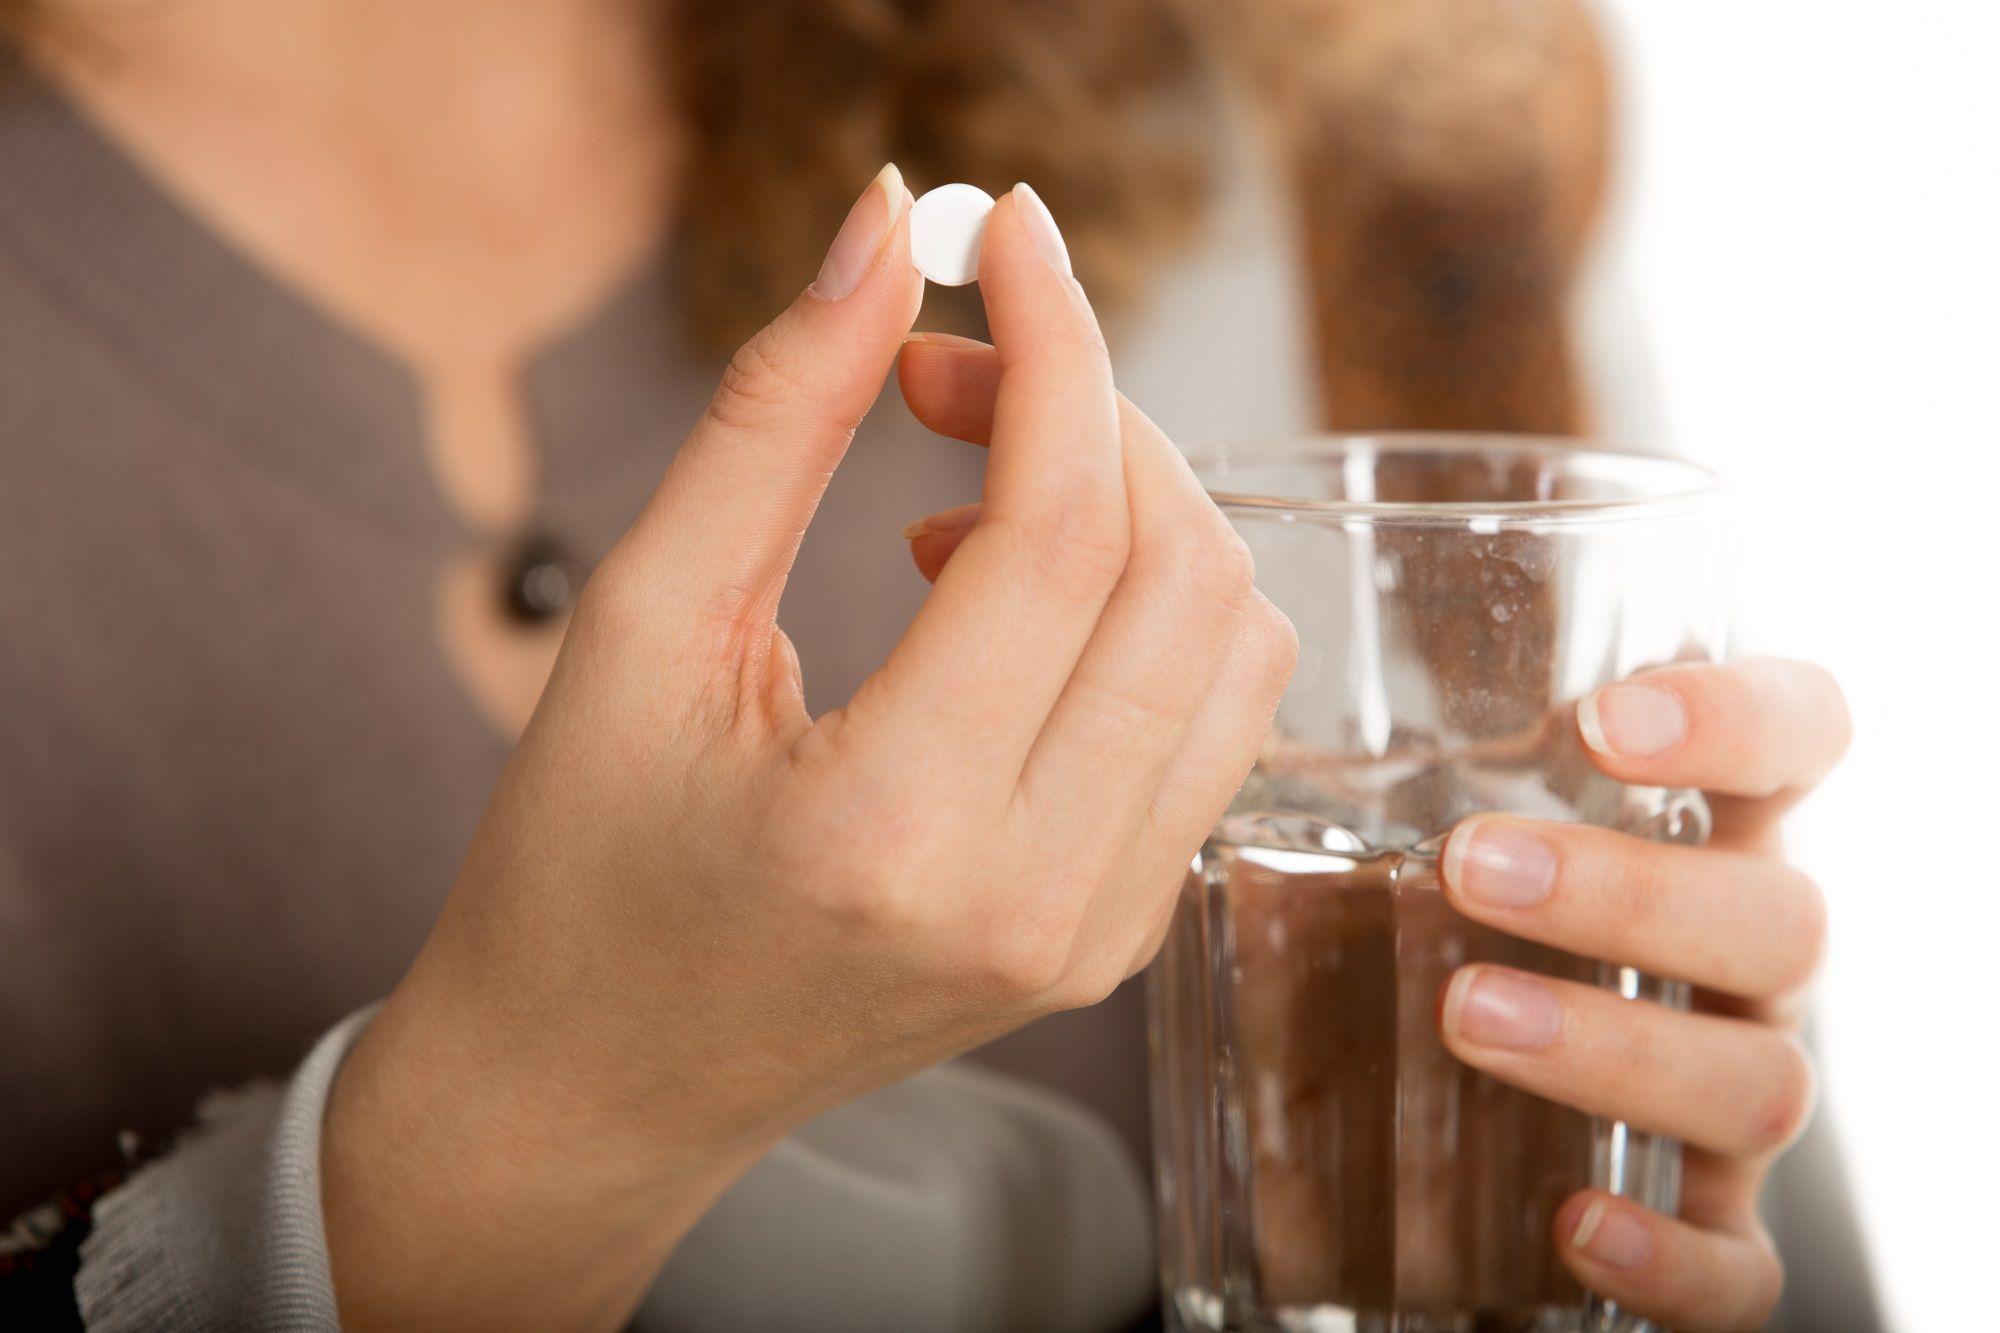 Les 7 Gélules Minceur / Pilules Pour Maigrir à l'Efficacité Prouvée